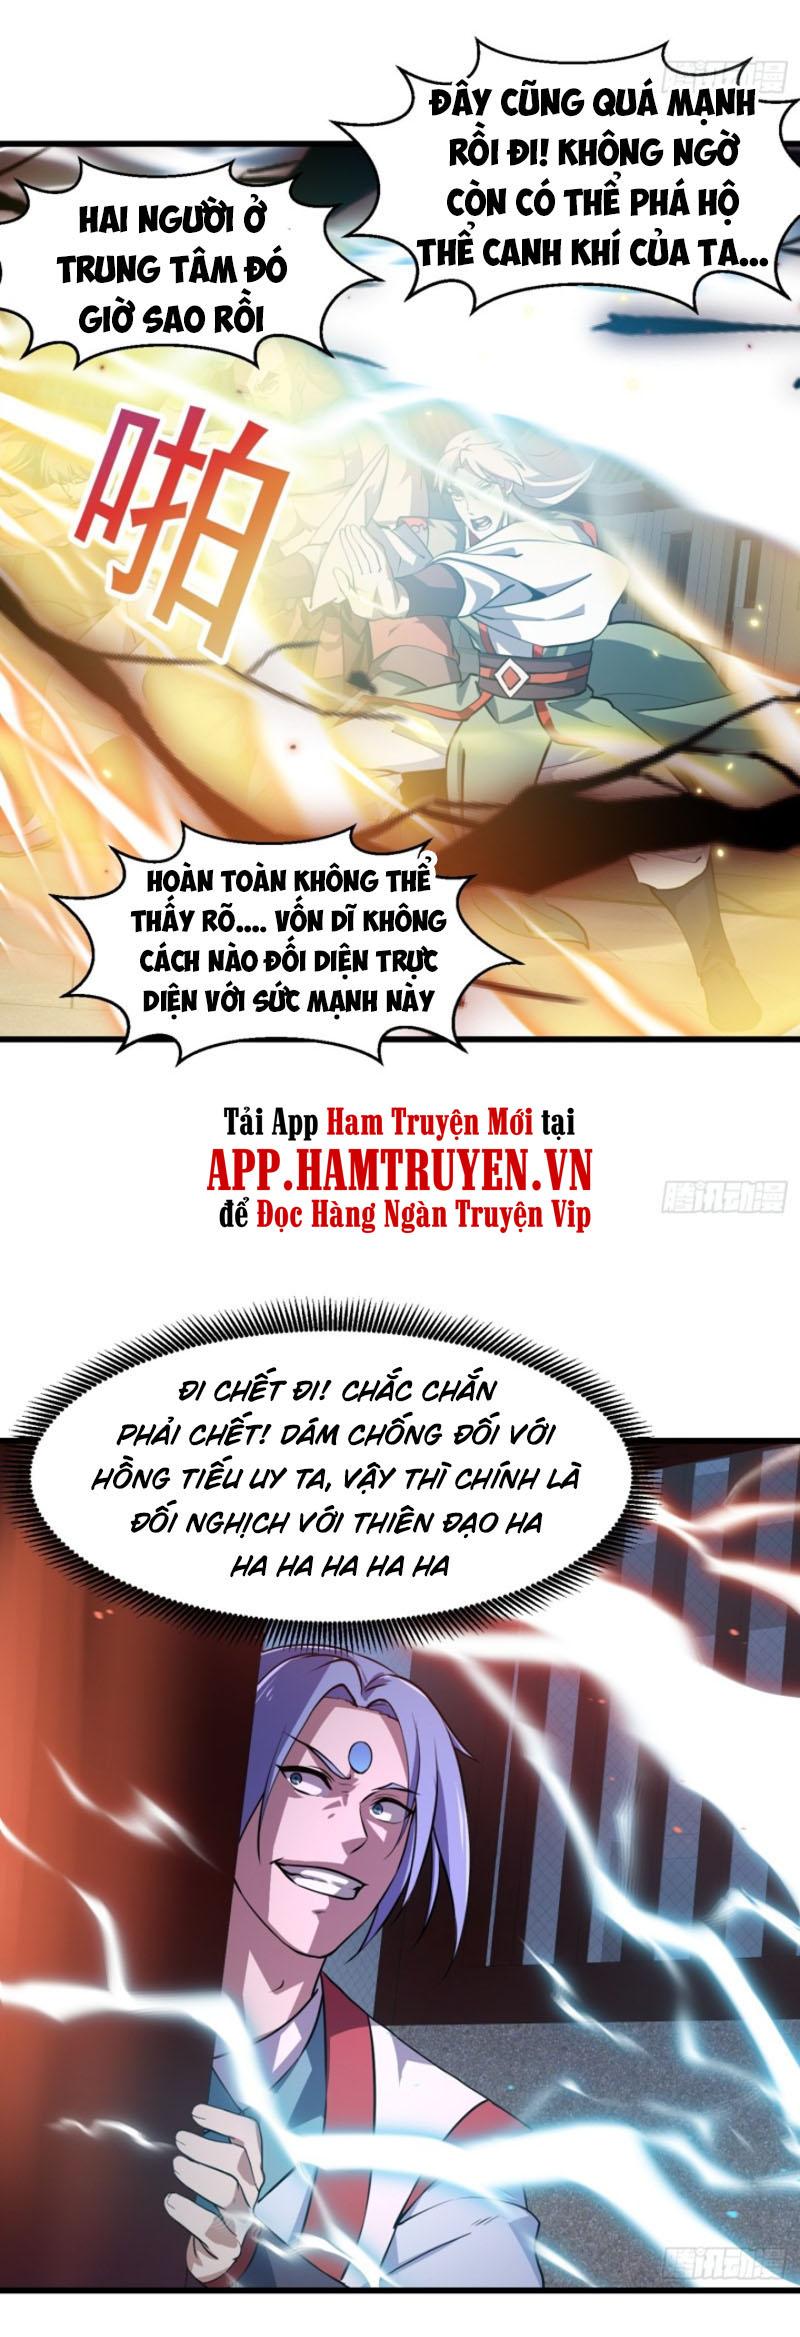 Ta Chẳng Qua Là Một Đại La Kim Tiên Chương 159 - Vcomic.net